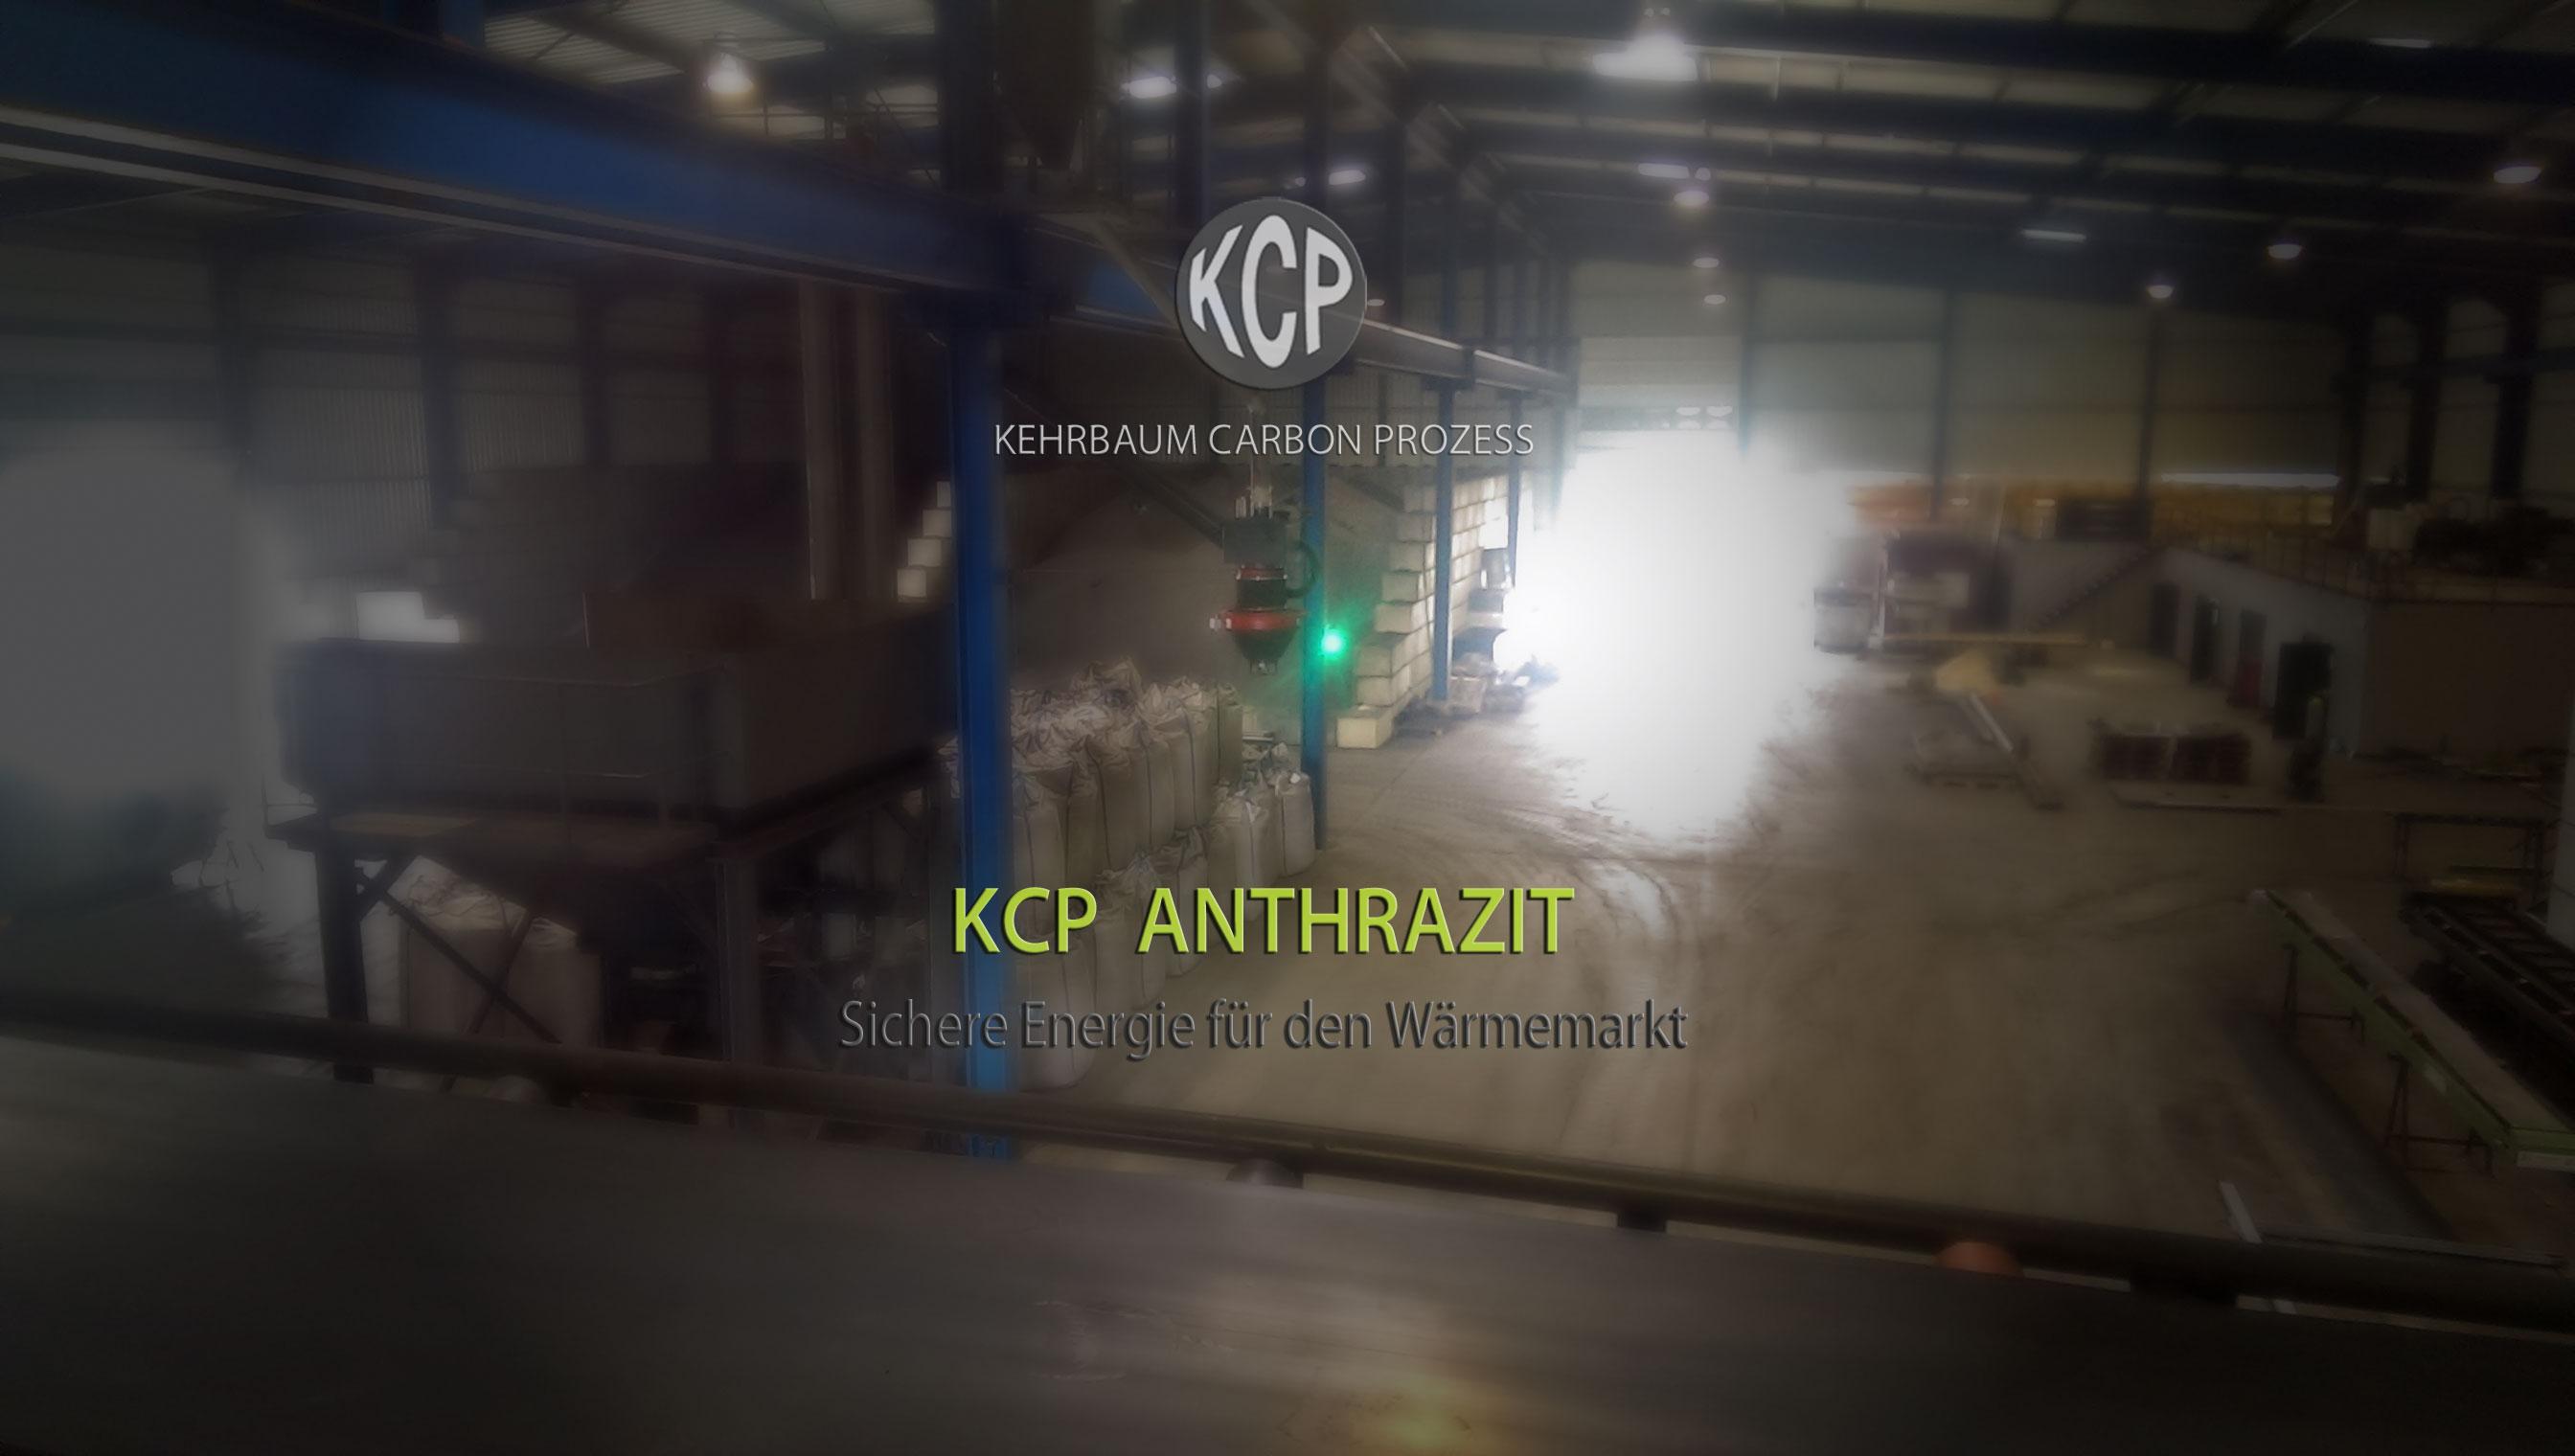 Verladestation im Werk 2 zur Beladung von KCP ANTHRAZIT